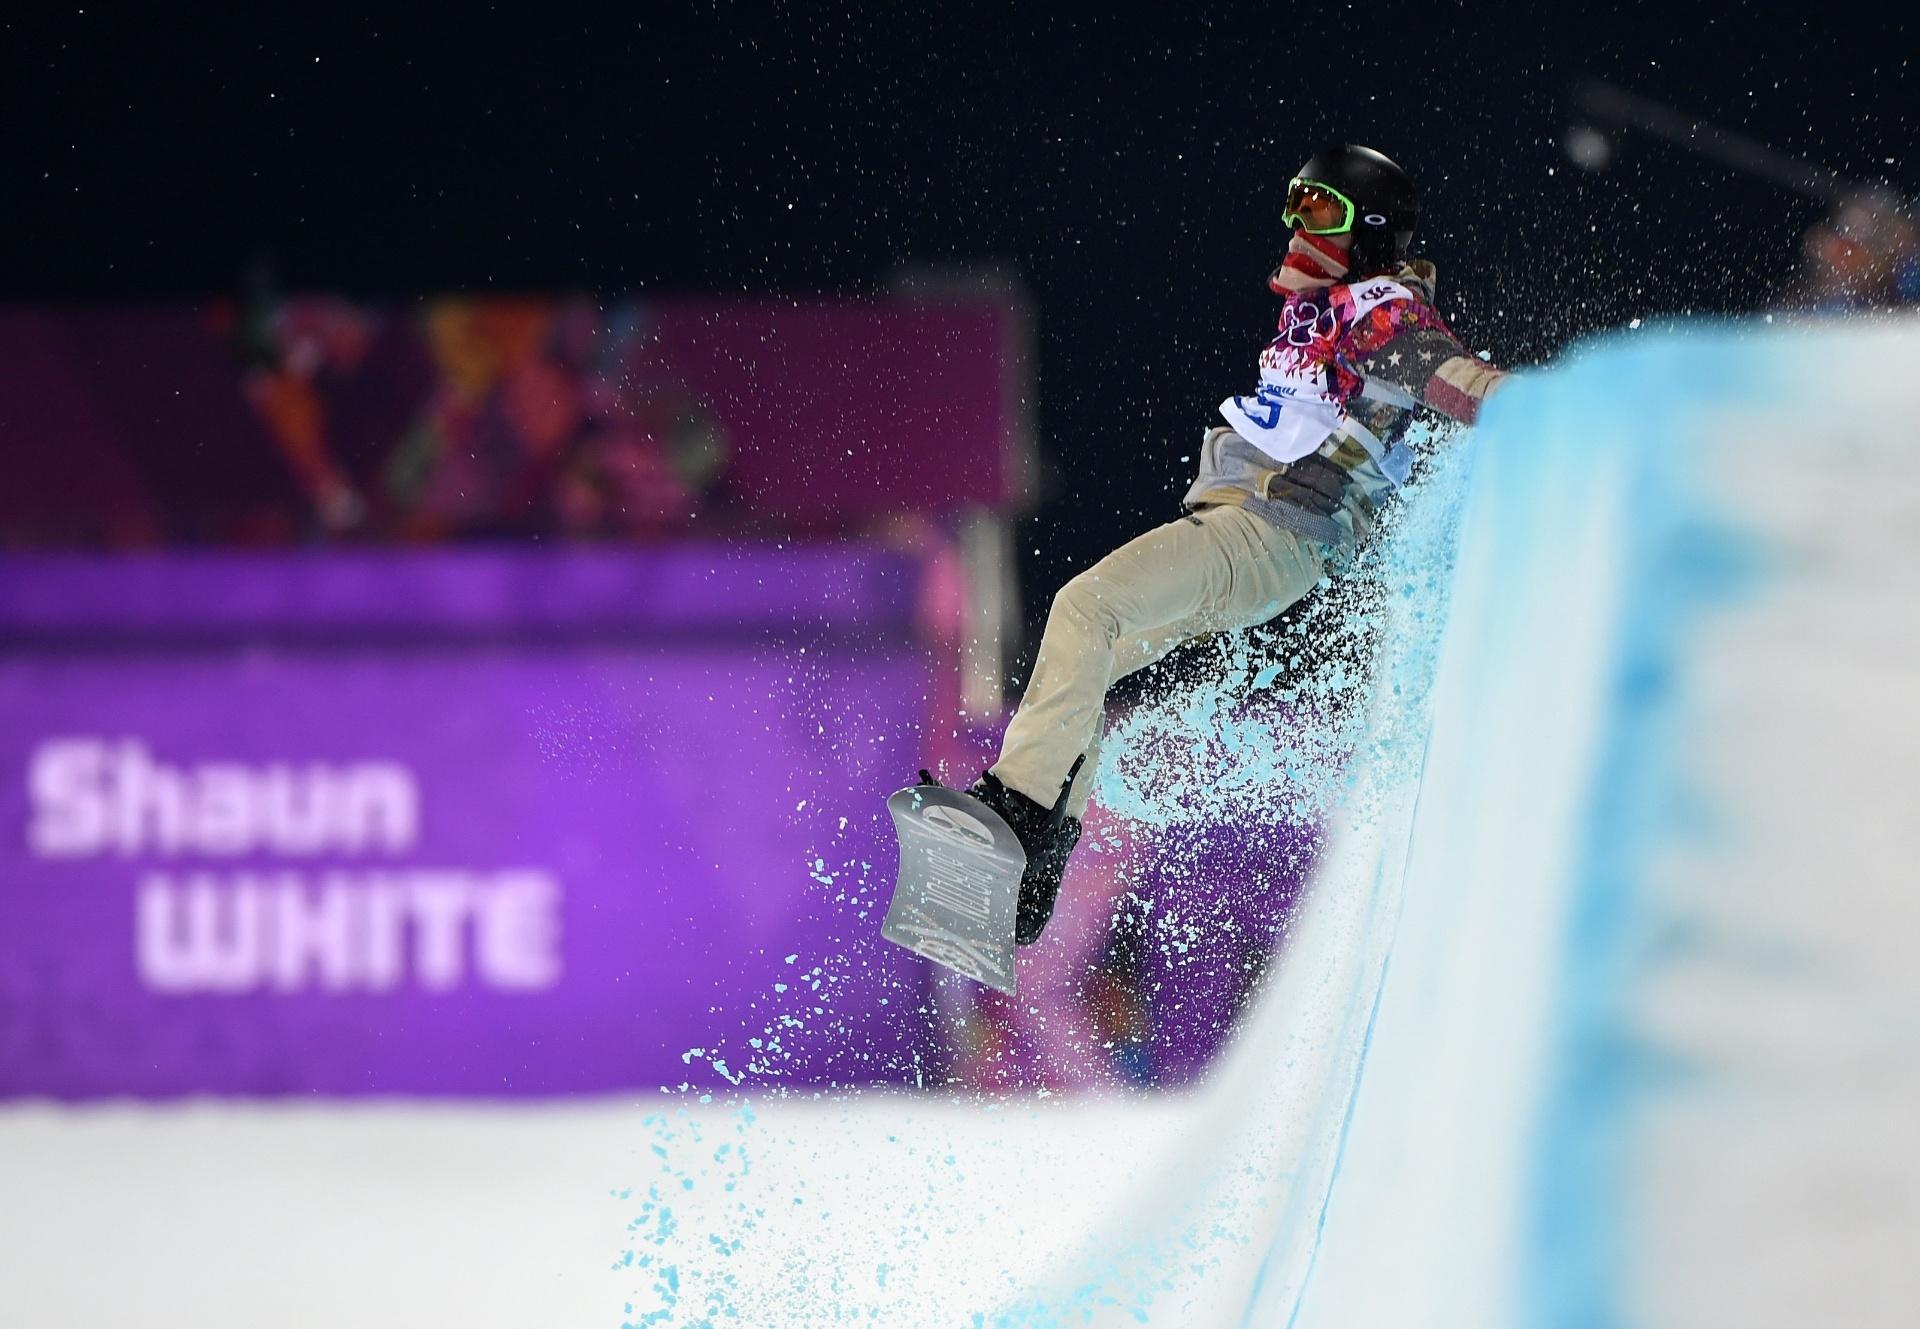 11.02.14 - Favorito no snowboard, Shaun White se desequilibra na final do halfpipe; americano decepcionou e ficou fora do pódio em Sochi